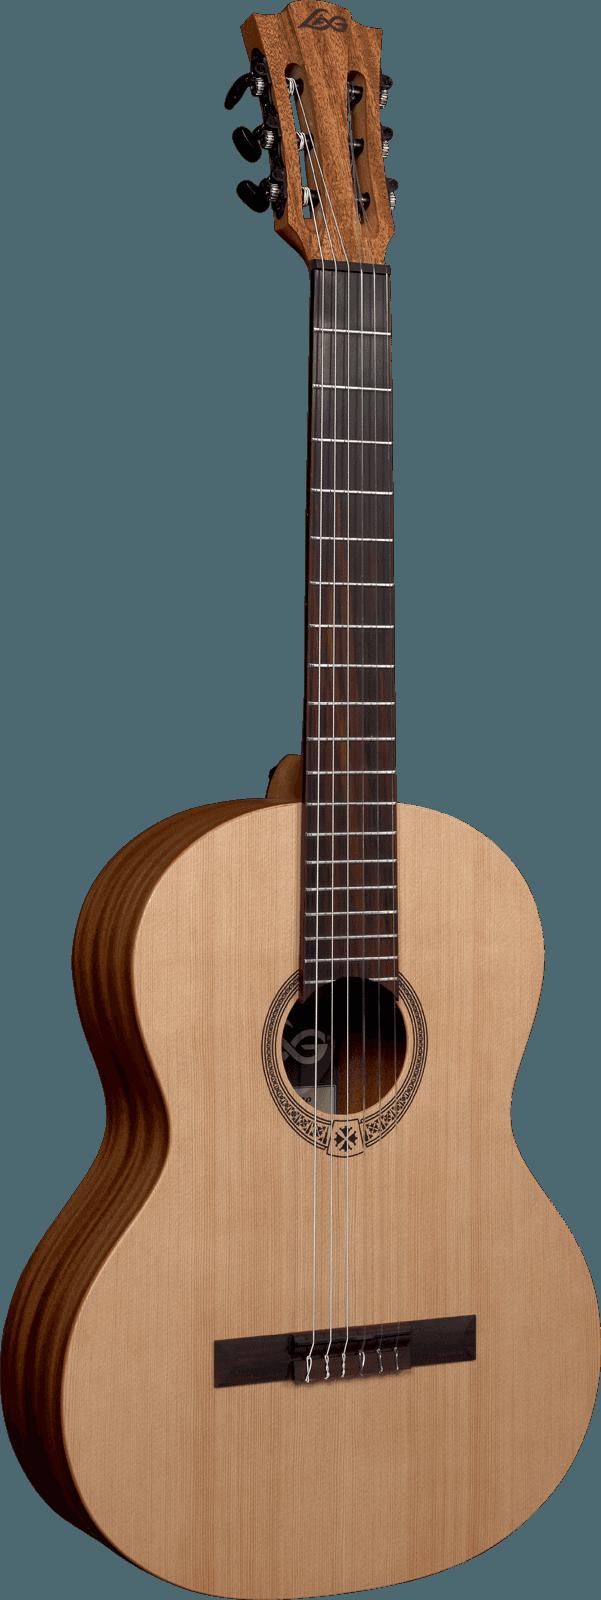 Lâg OC7 Classical guitar, spruce top